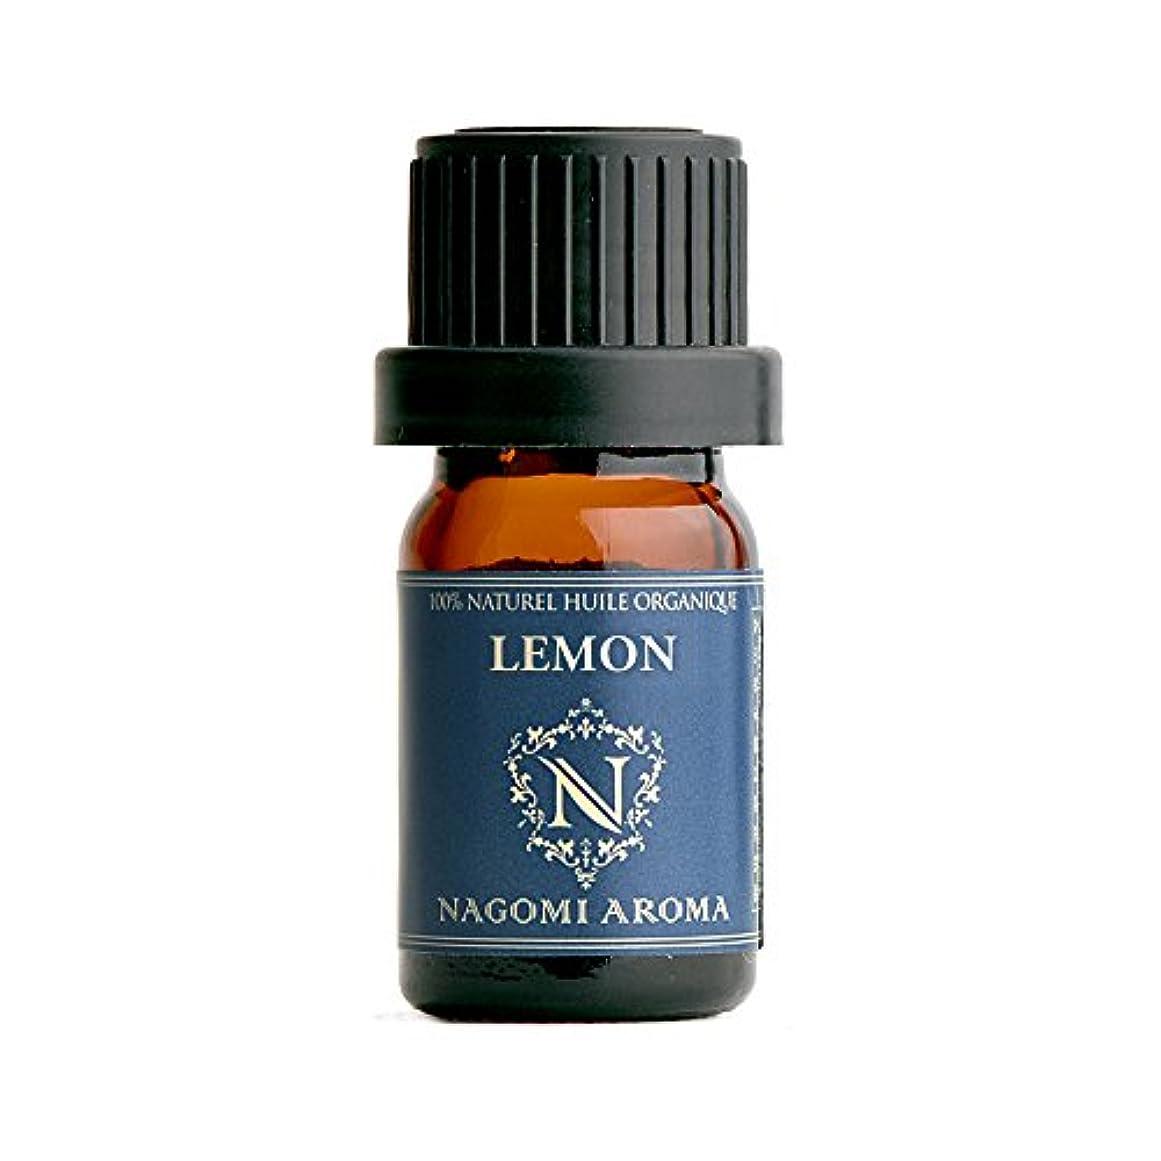 重要な役割を果たす、中心的な手段となる才能のある泣き叫ぶNAGOMI AROMA オーガニック レモン 5ml 【AEAJ認定精油】【アロマオイル】